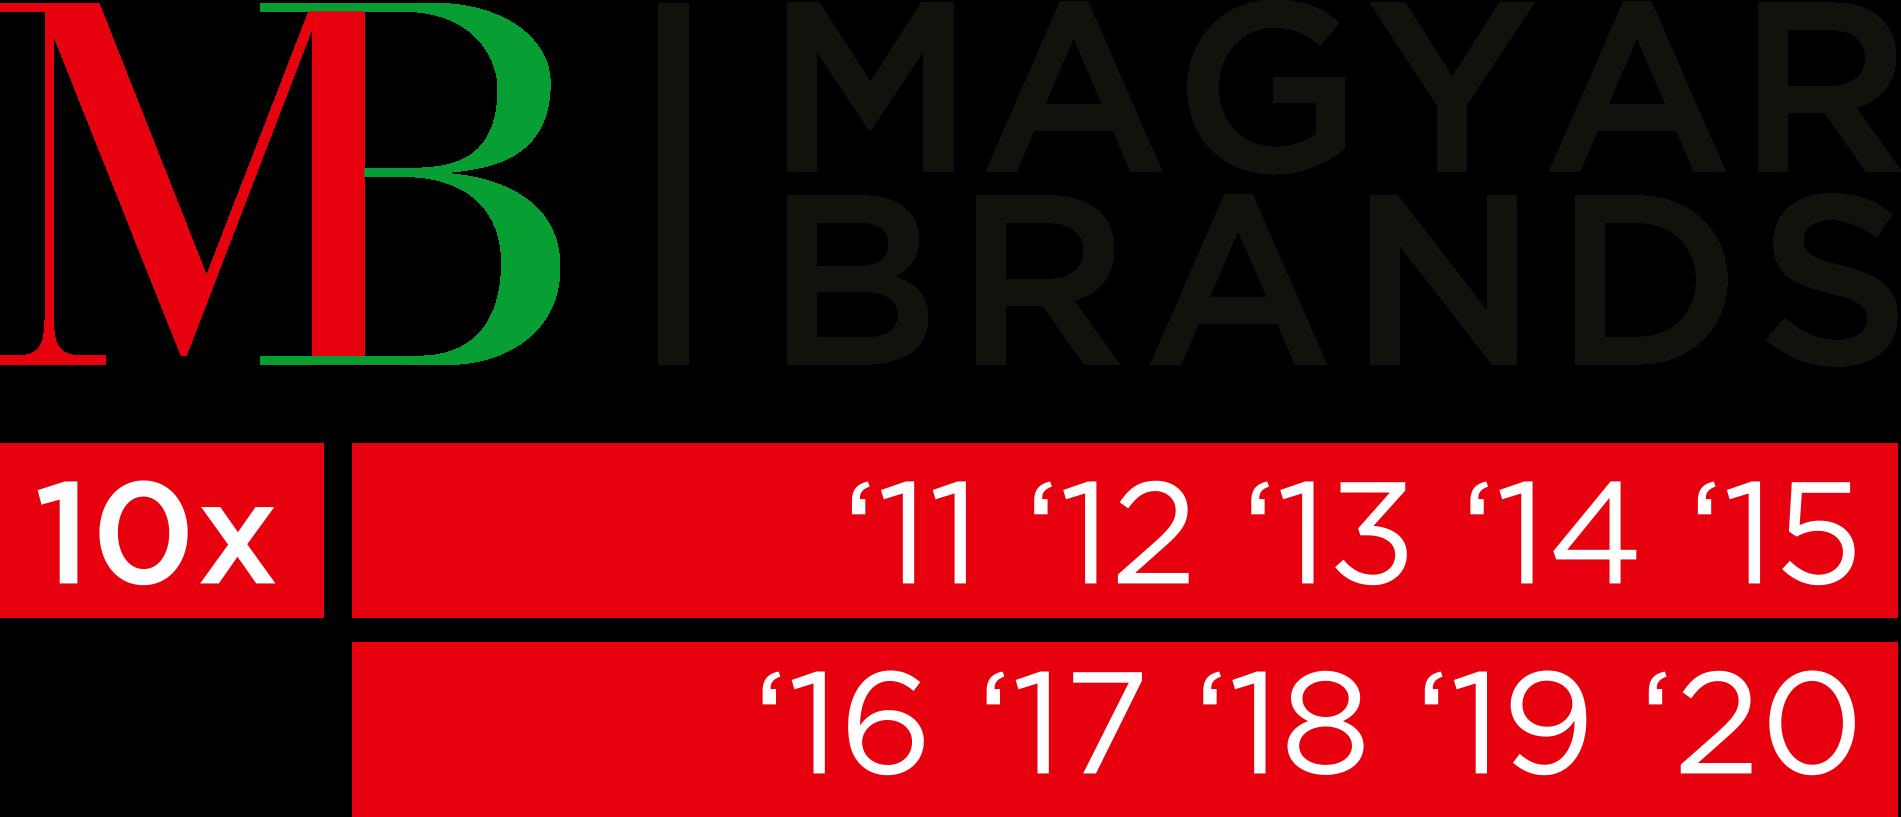 Magyar Brands